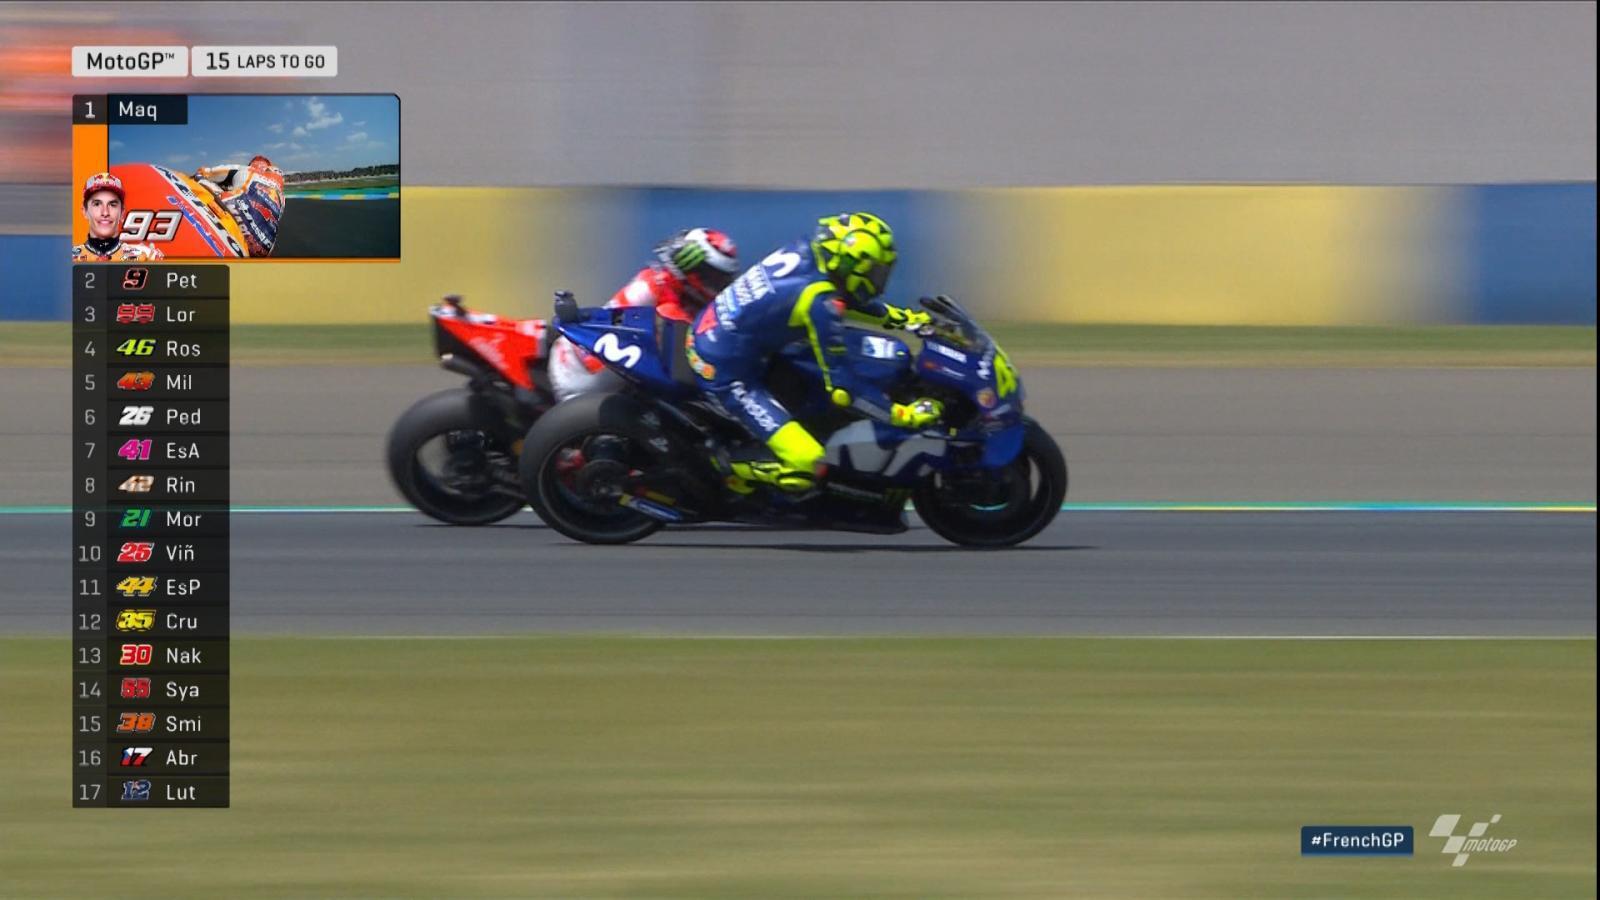 ชมจังหวะ Valentino Rossi  แซง Jorge Lorenzo ก่อนจะจบอันดับที่ 3 ในสนามนี้